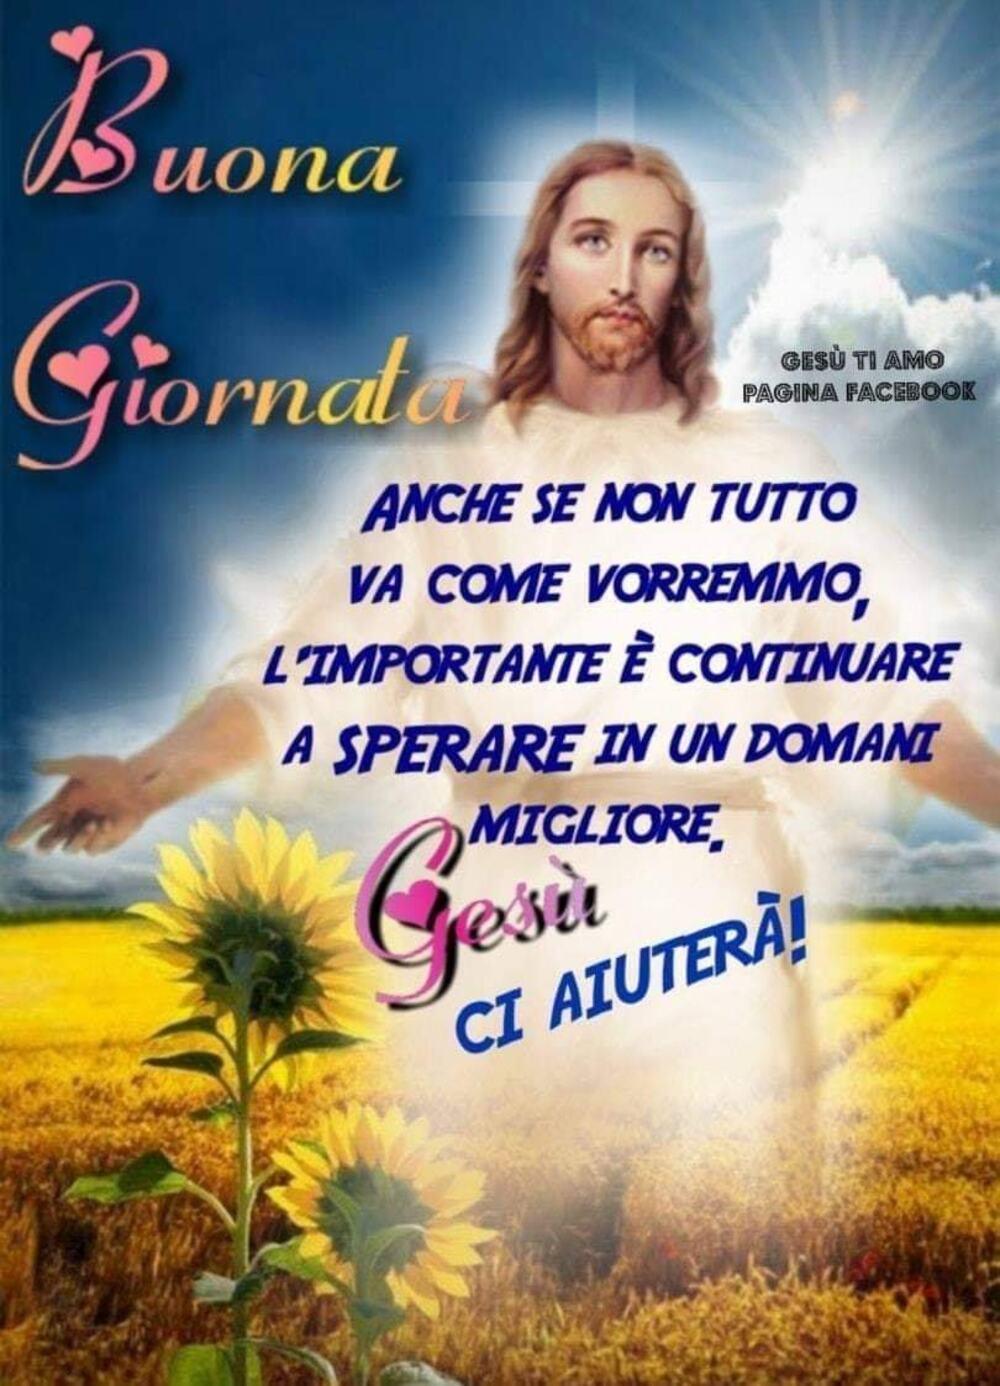 Buona Giornata con Gesù e icone sacre 5